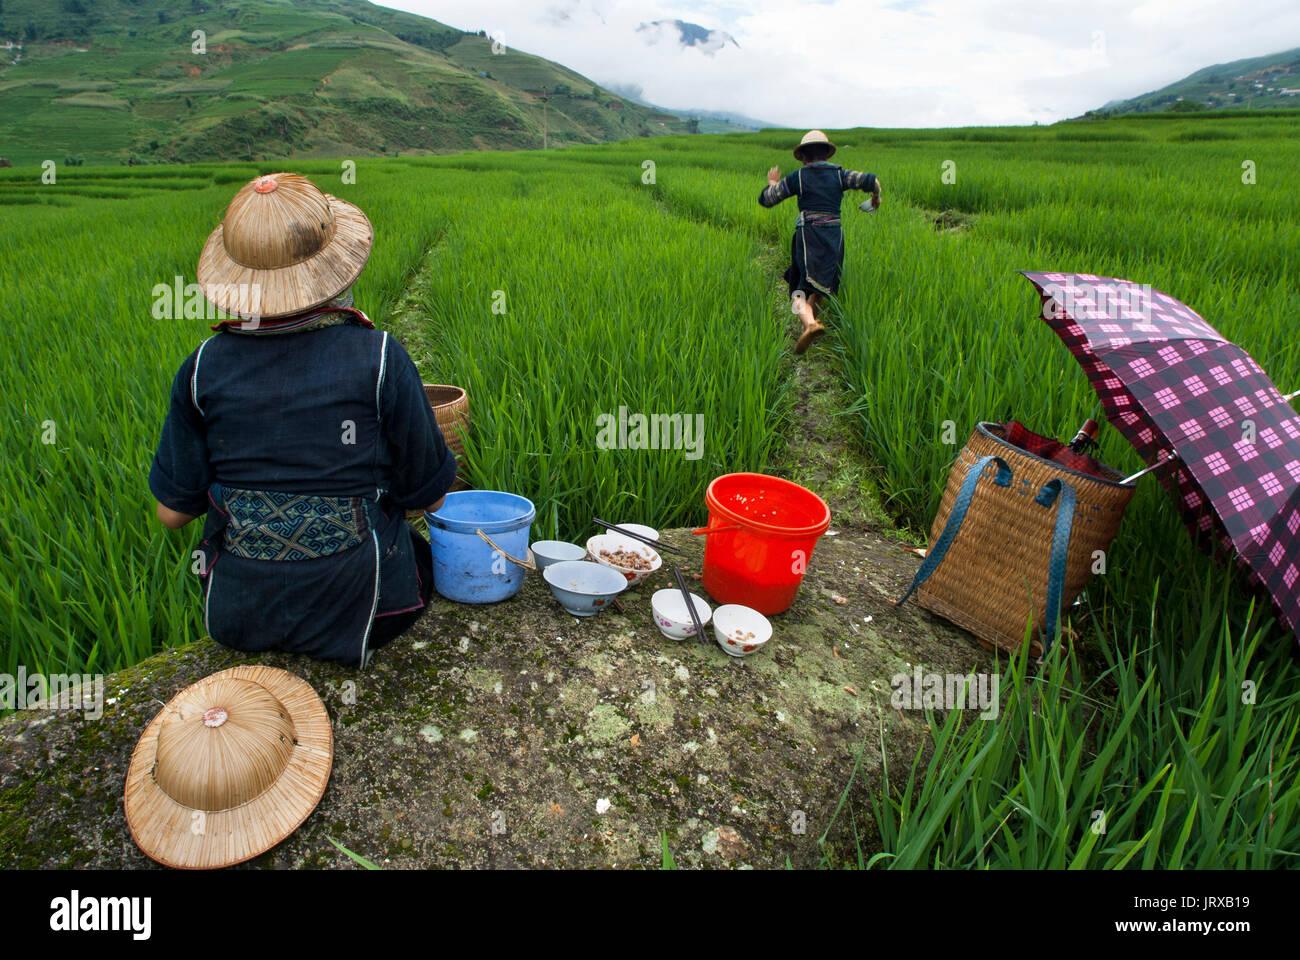 Einige Hmong Frauen essen Neben einem Reisfeld in Sapa Weg in die Dörfer in der Nähe von Lao Chai und ta Van. Vietnam. Stockfoto